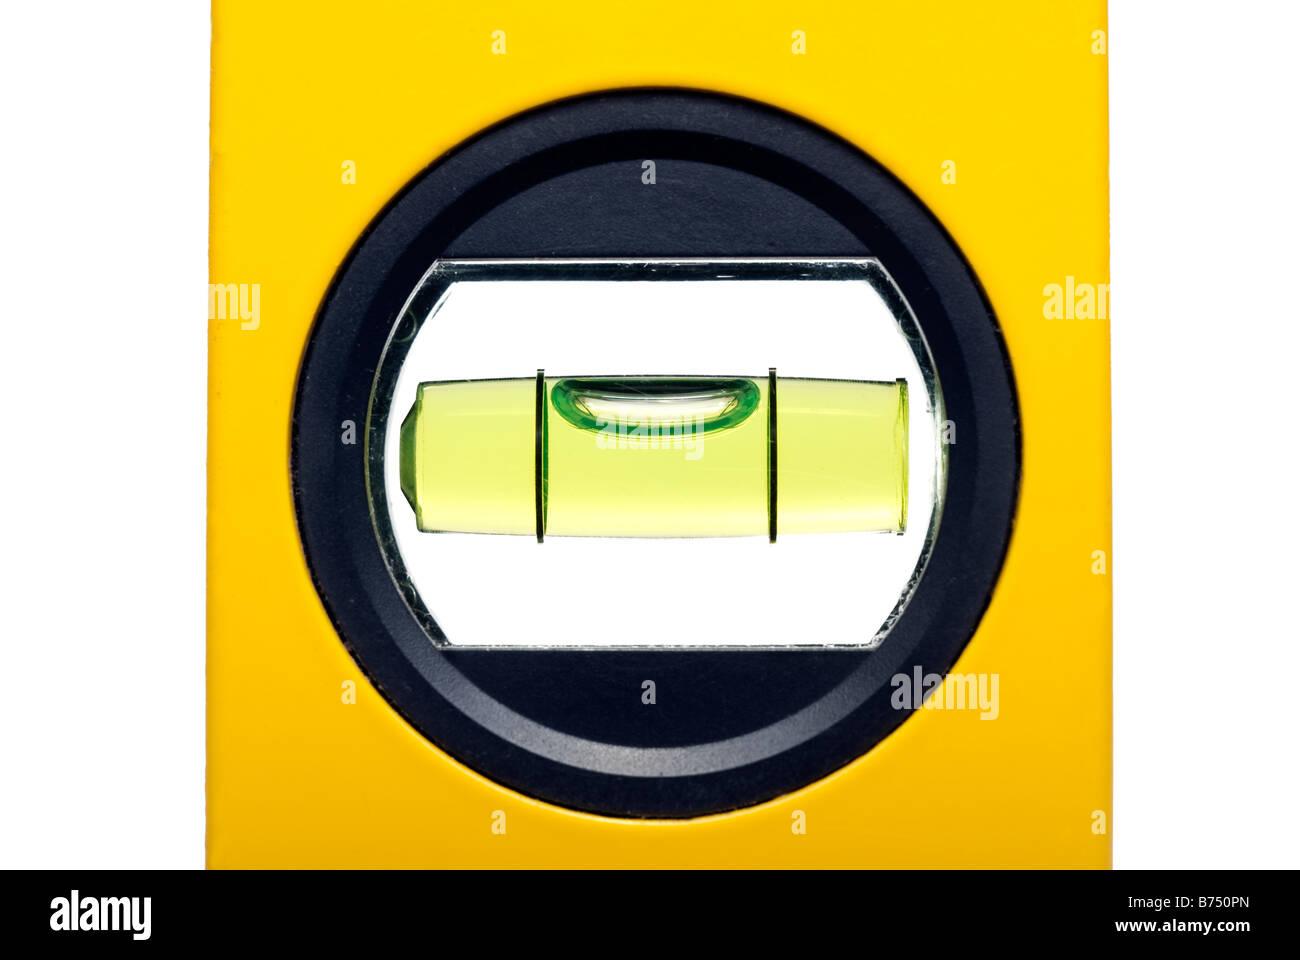 Spirito di colore giallo e il livello di dettaglio della bolla Immagini Stock